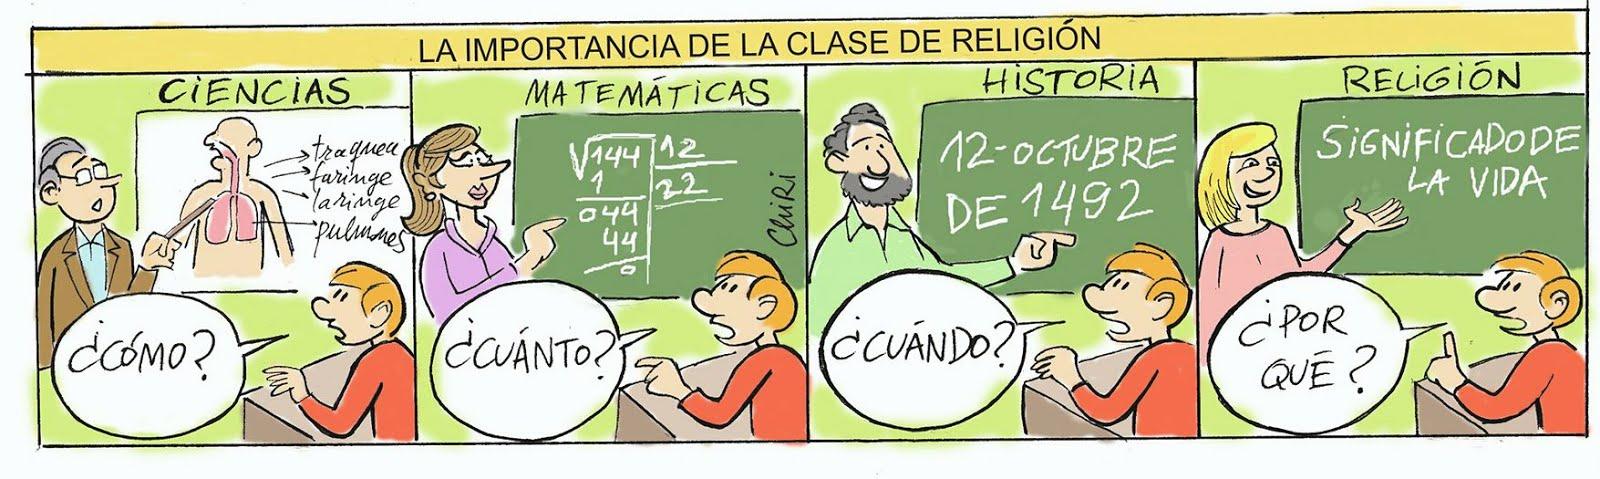 IMPORTANCIA DE LA CLASE DE RELIGIÓN